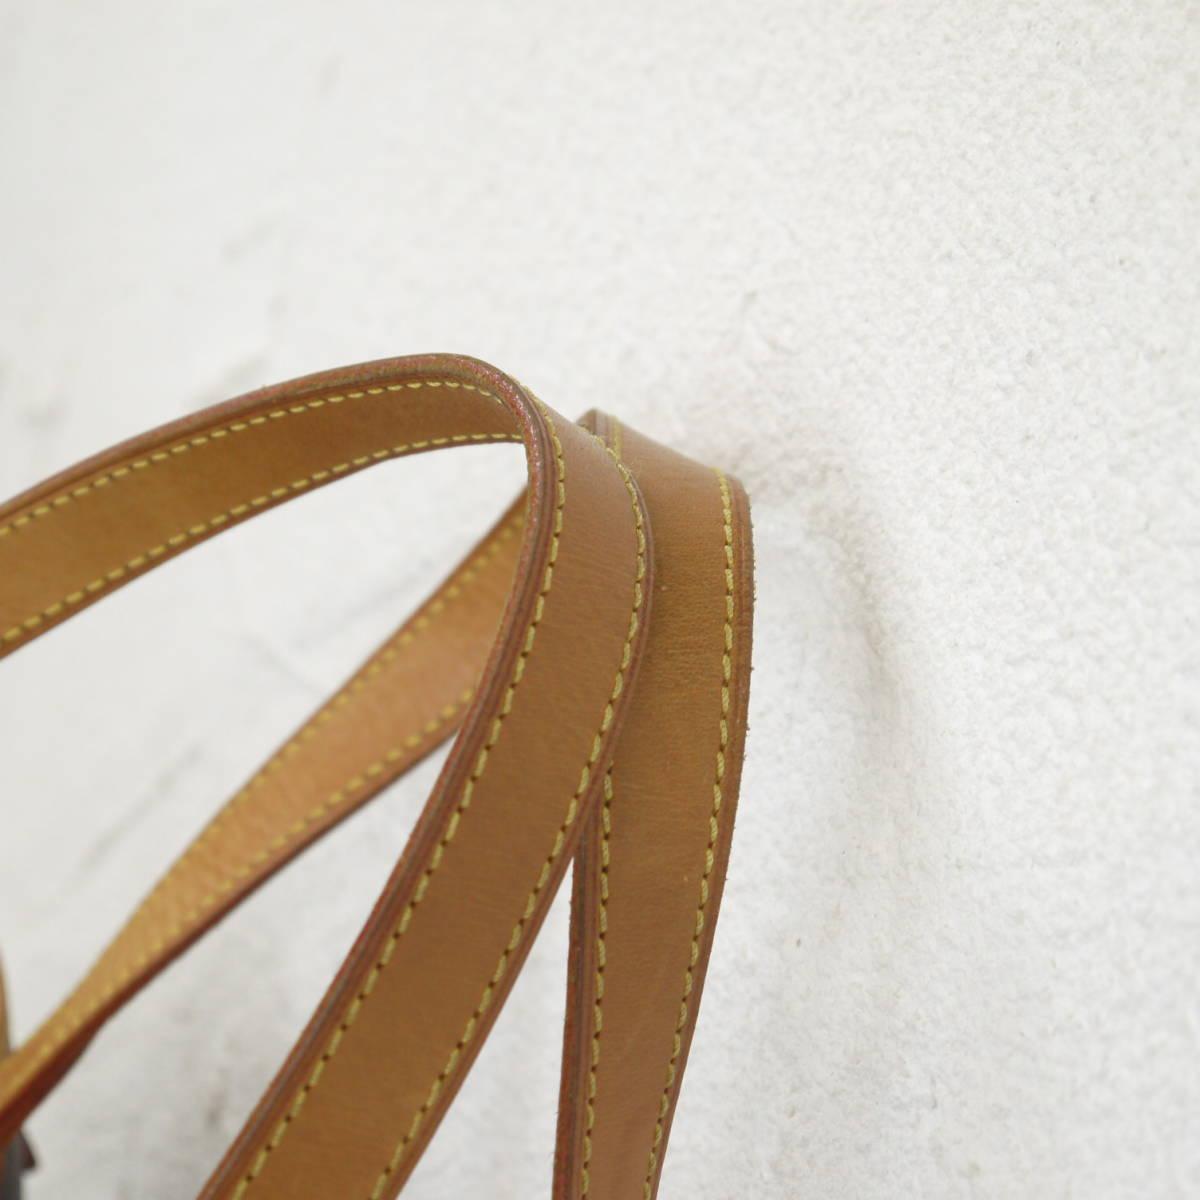 早い者勝ち!! LOUIS VUITTON ルイヴィトン モノグラム バティニョール オリゾンタル ショルダーバッグ トートバッグ M51154_画像6